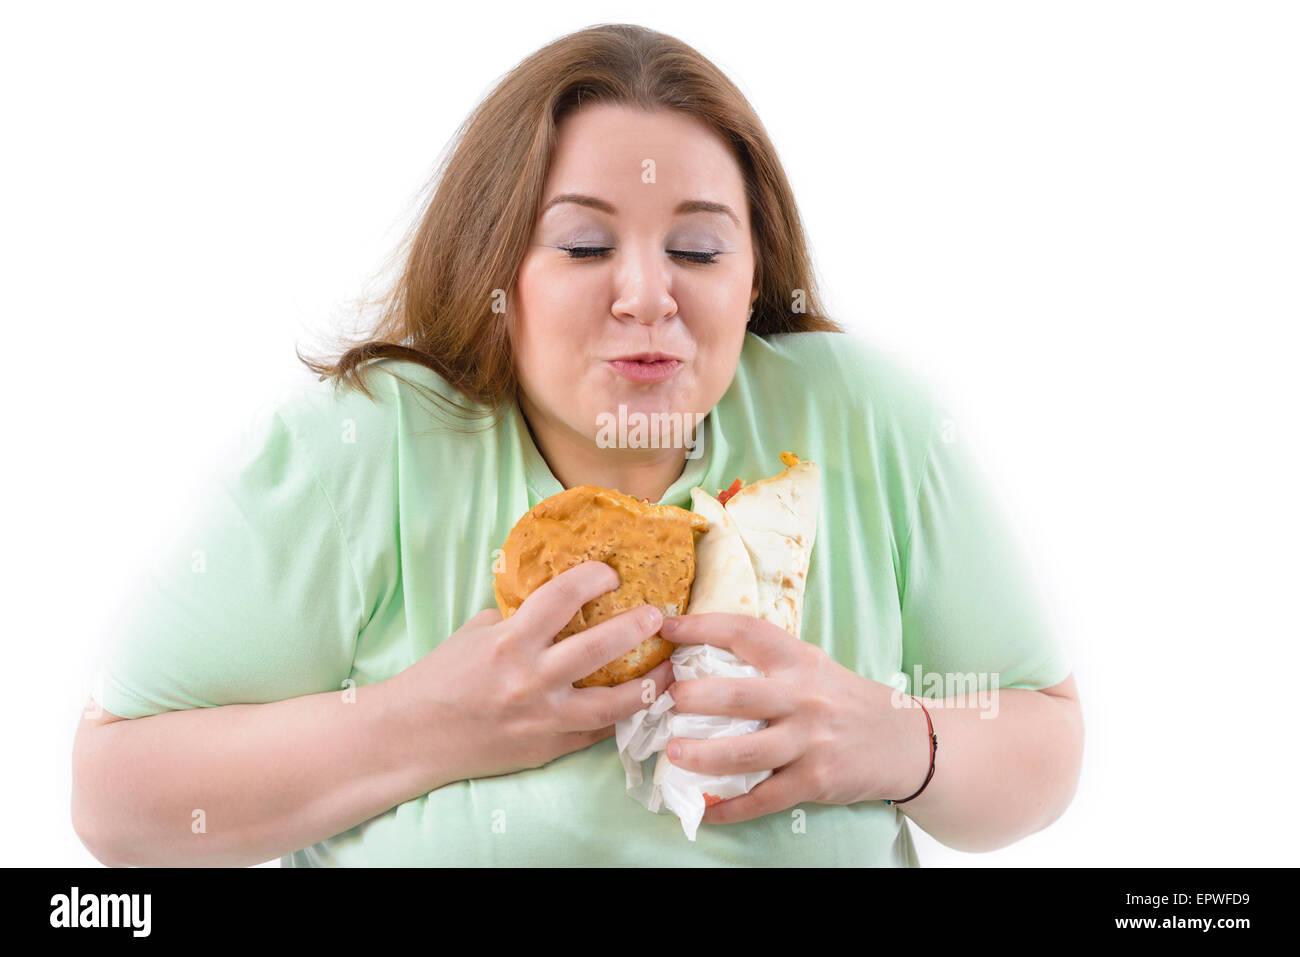 Corpulento donna avente la dipendenza da cibo malsano. Felice Tiene alcuni alti calorie cibo. Immagini Stock